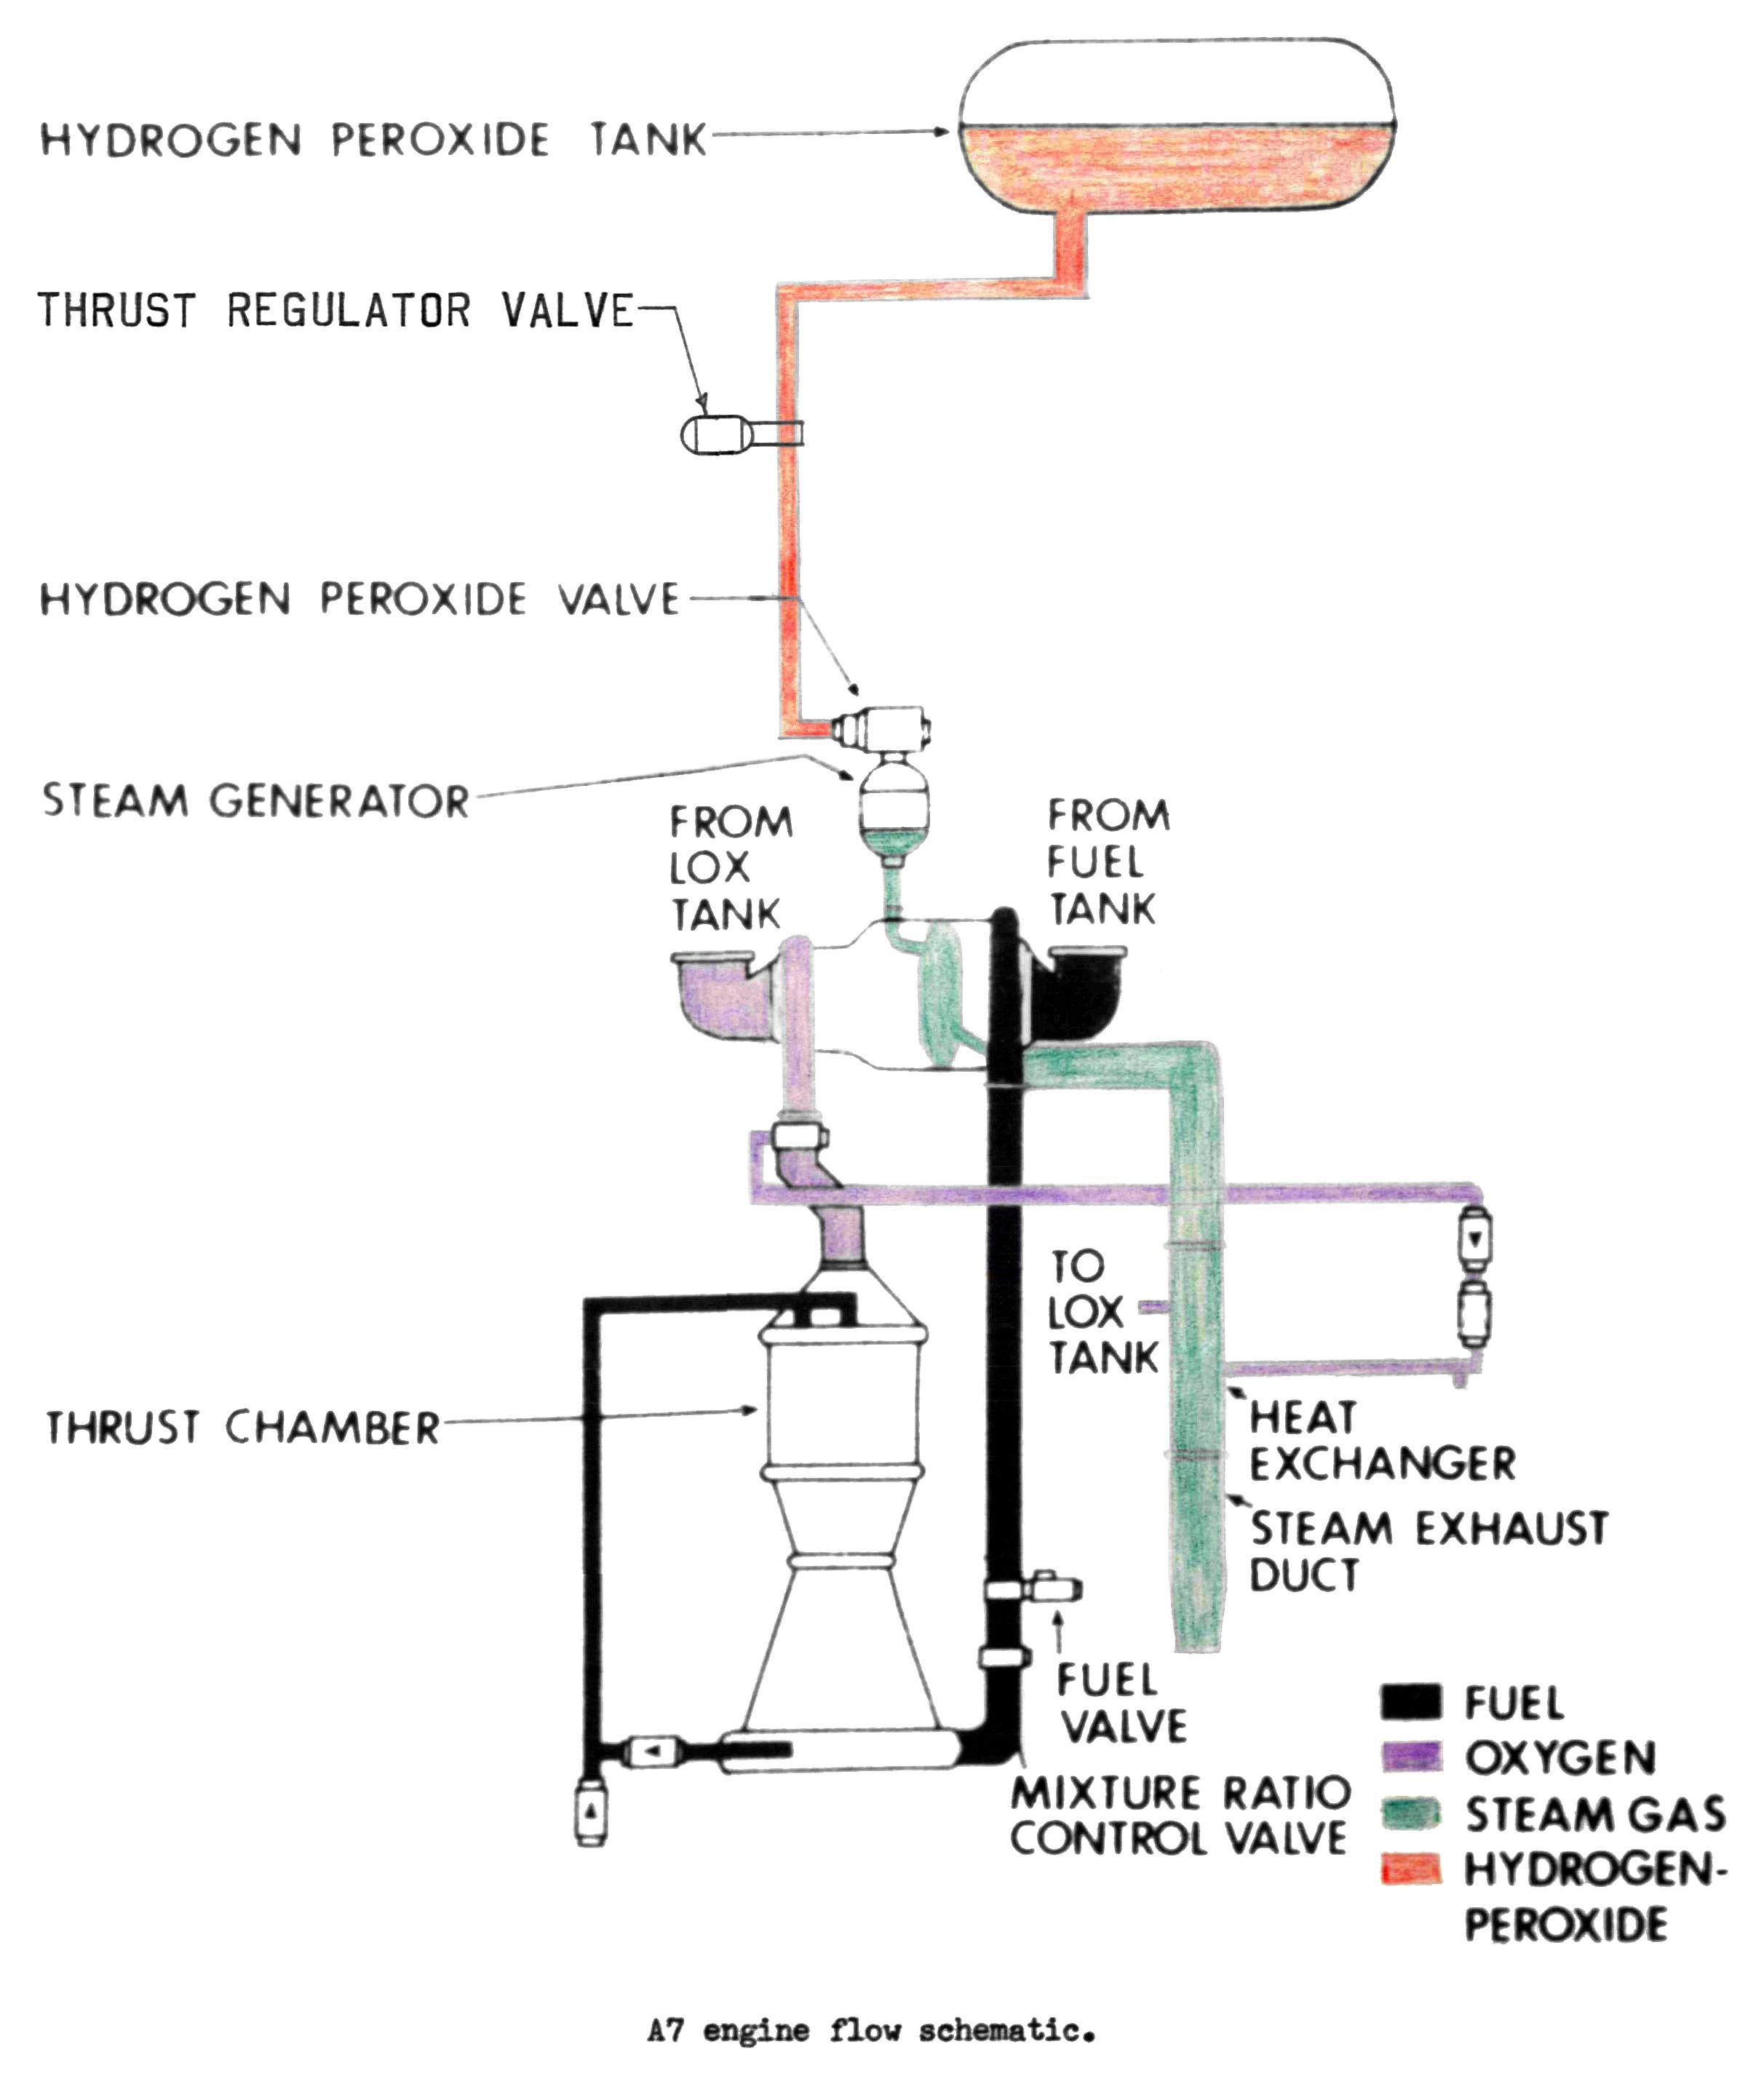 diagram steam generator oil